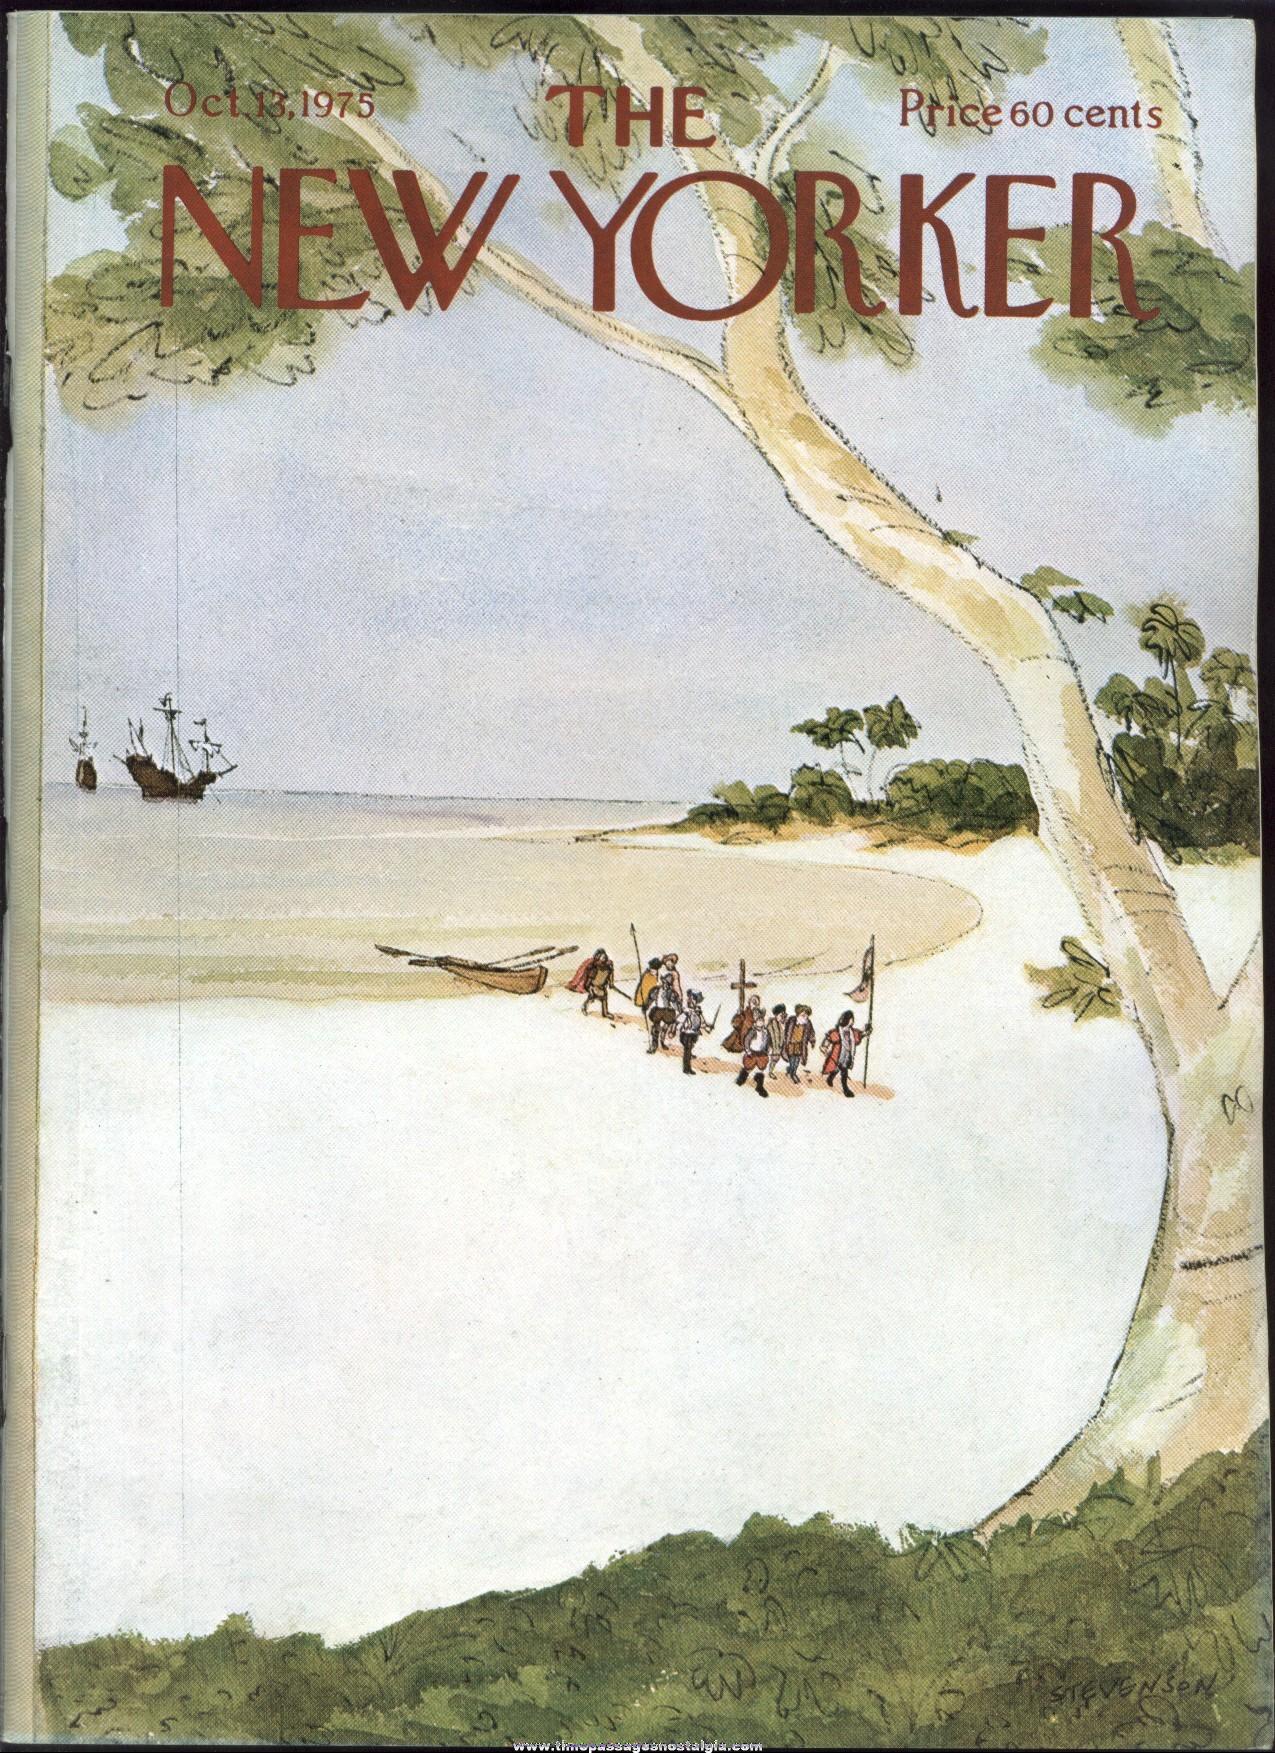 New Yorker Magazine - October 13, 1975 - Cover by James Stevenson